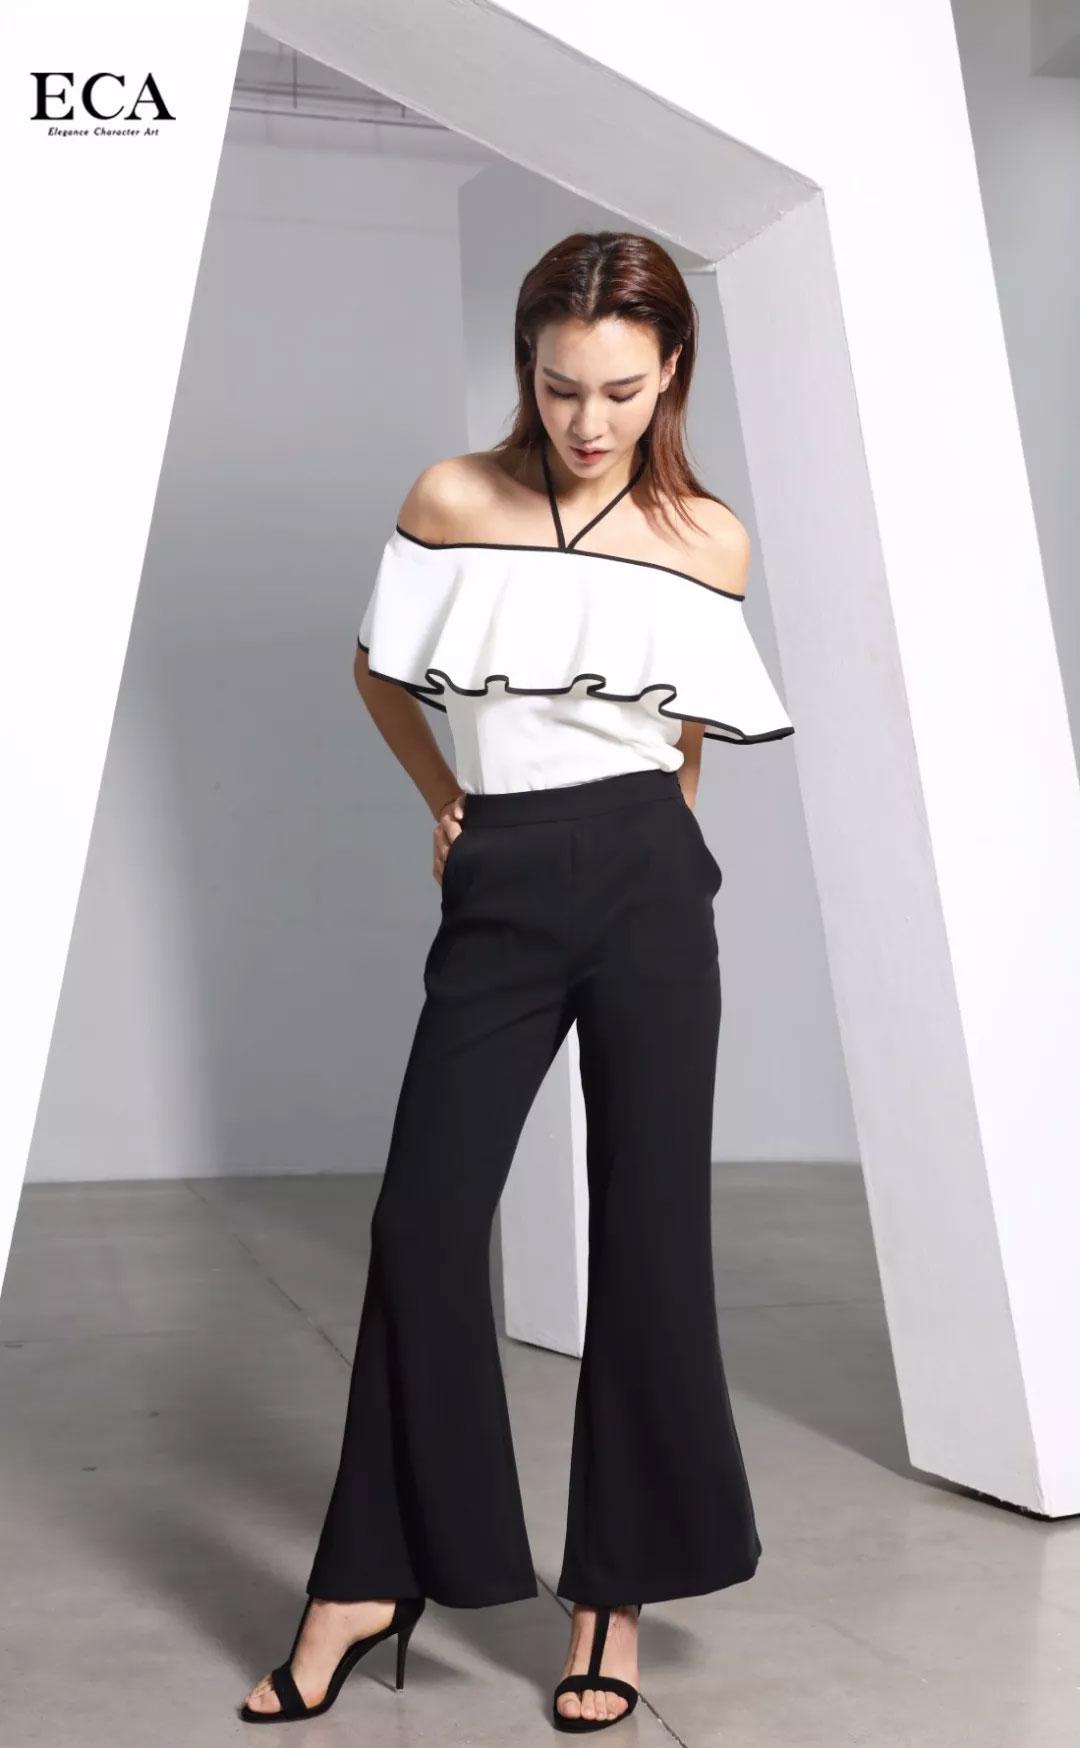 ECA高级时装新品 梦幻的黑与白 请允许我成为你的夏季!